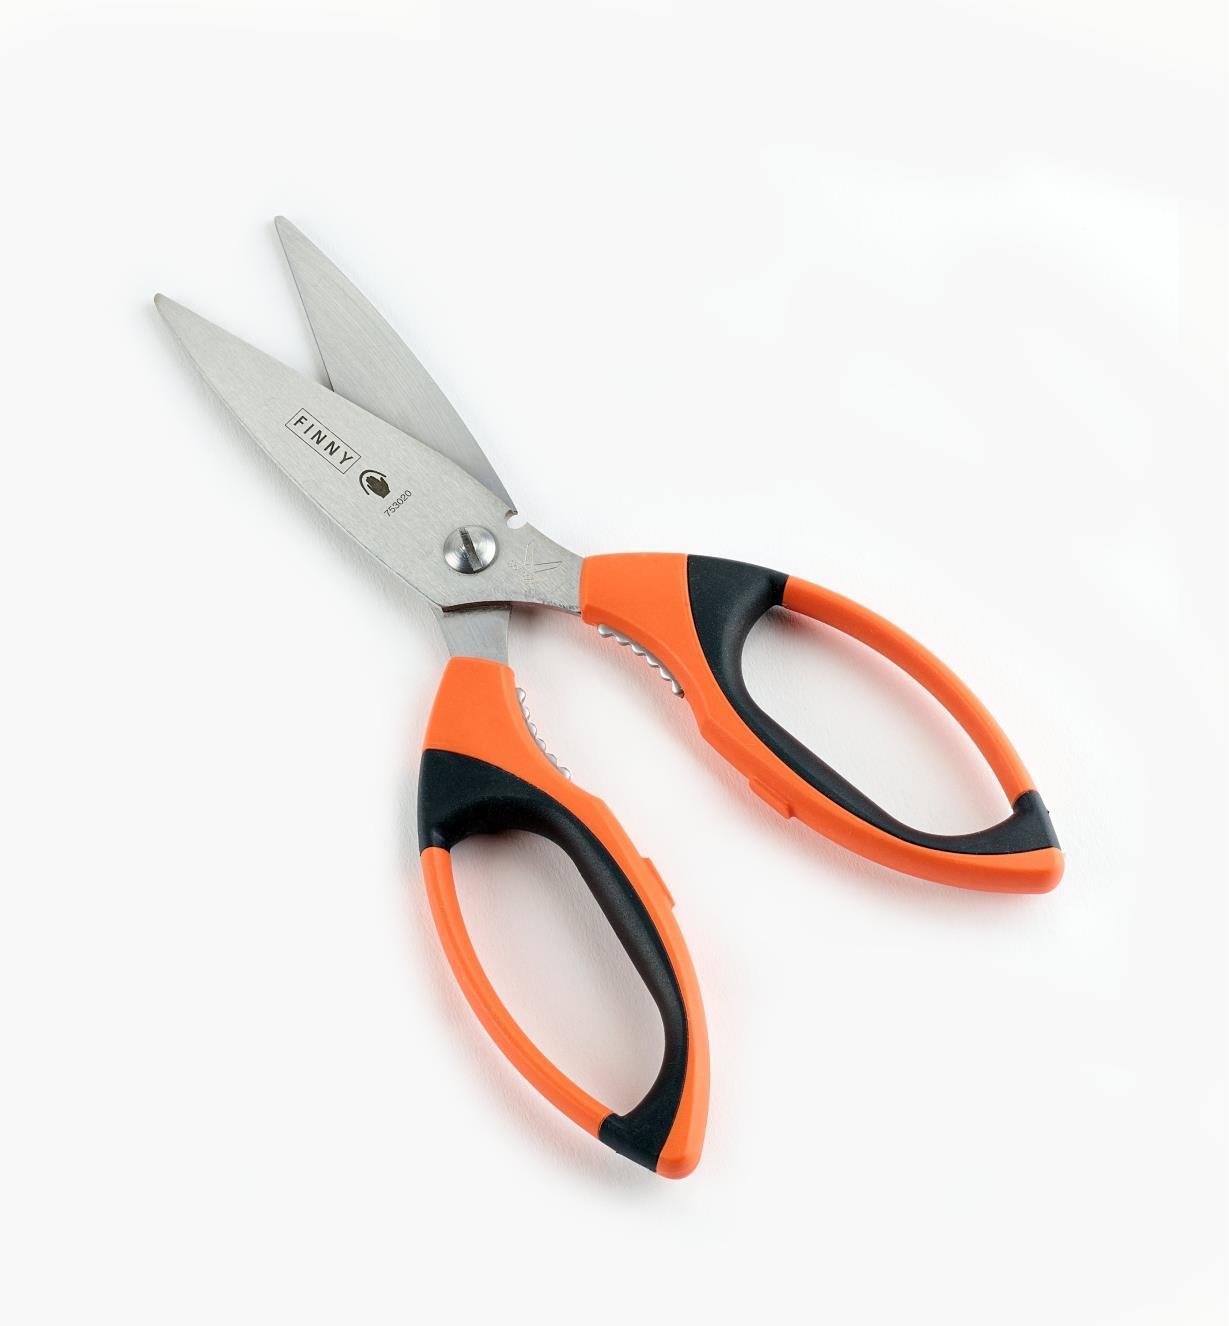 09A0968 - Ciseaux tout usage sécuritaires